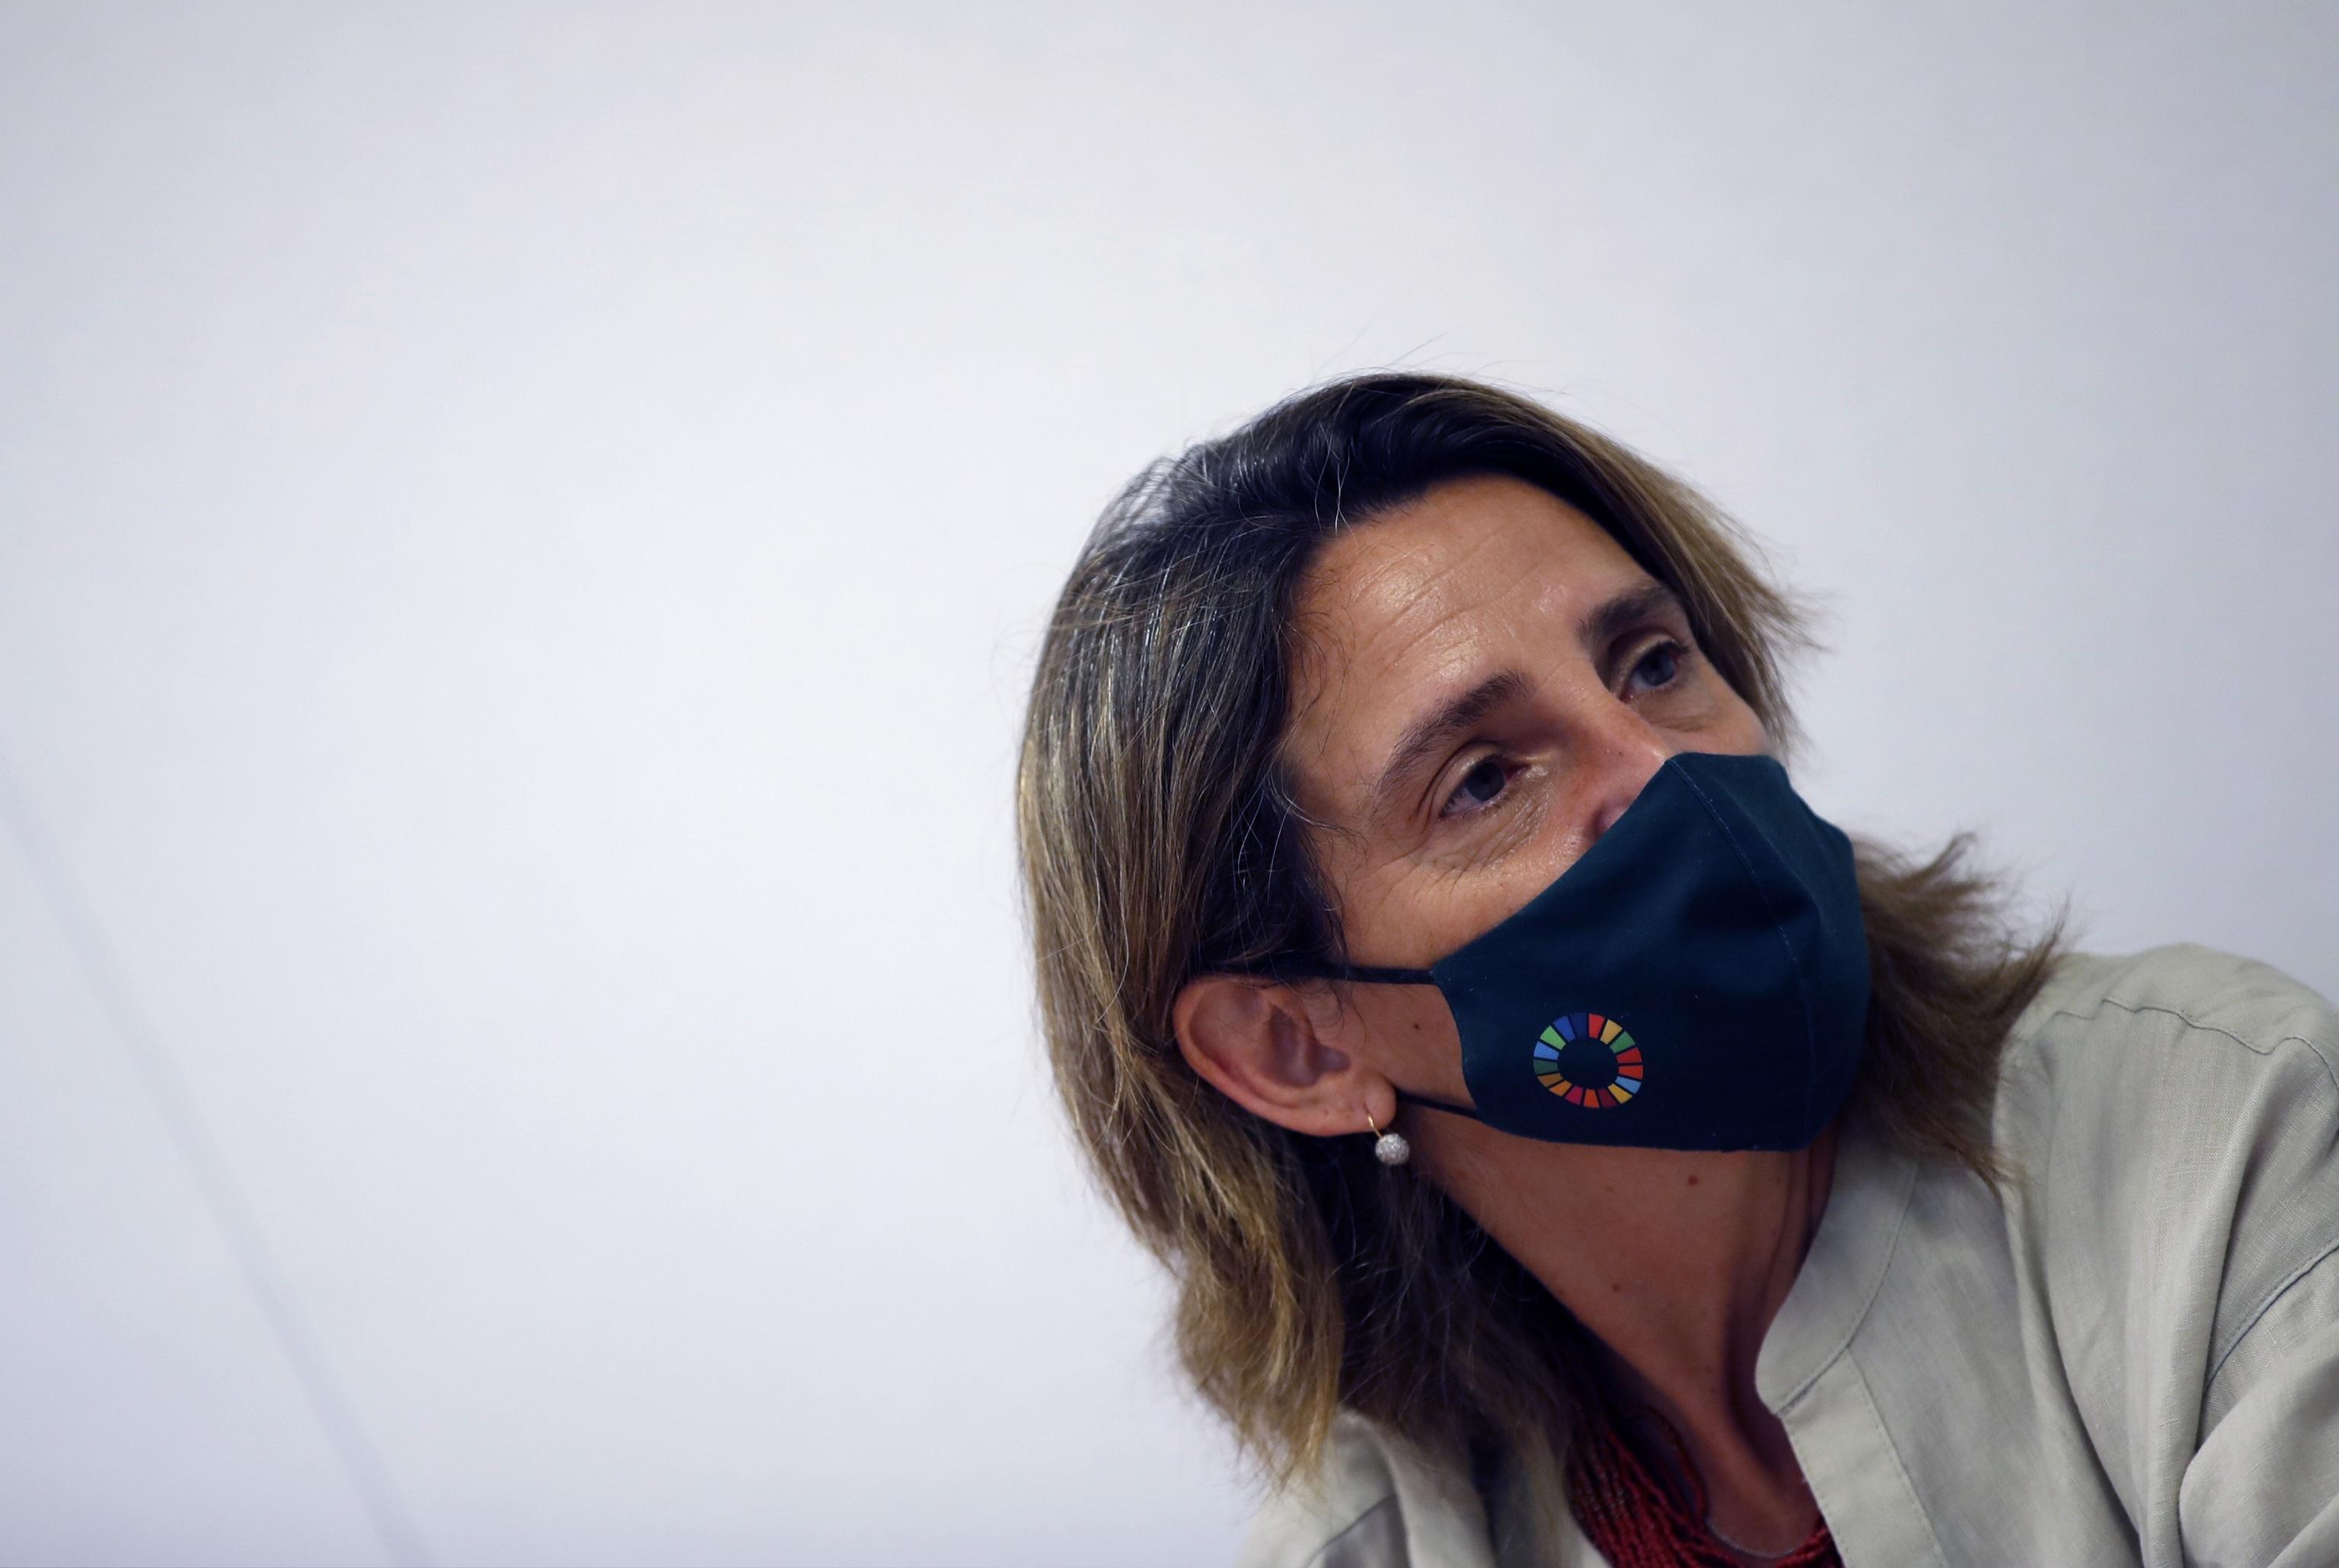 La minsitra Teresa Ribera.